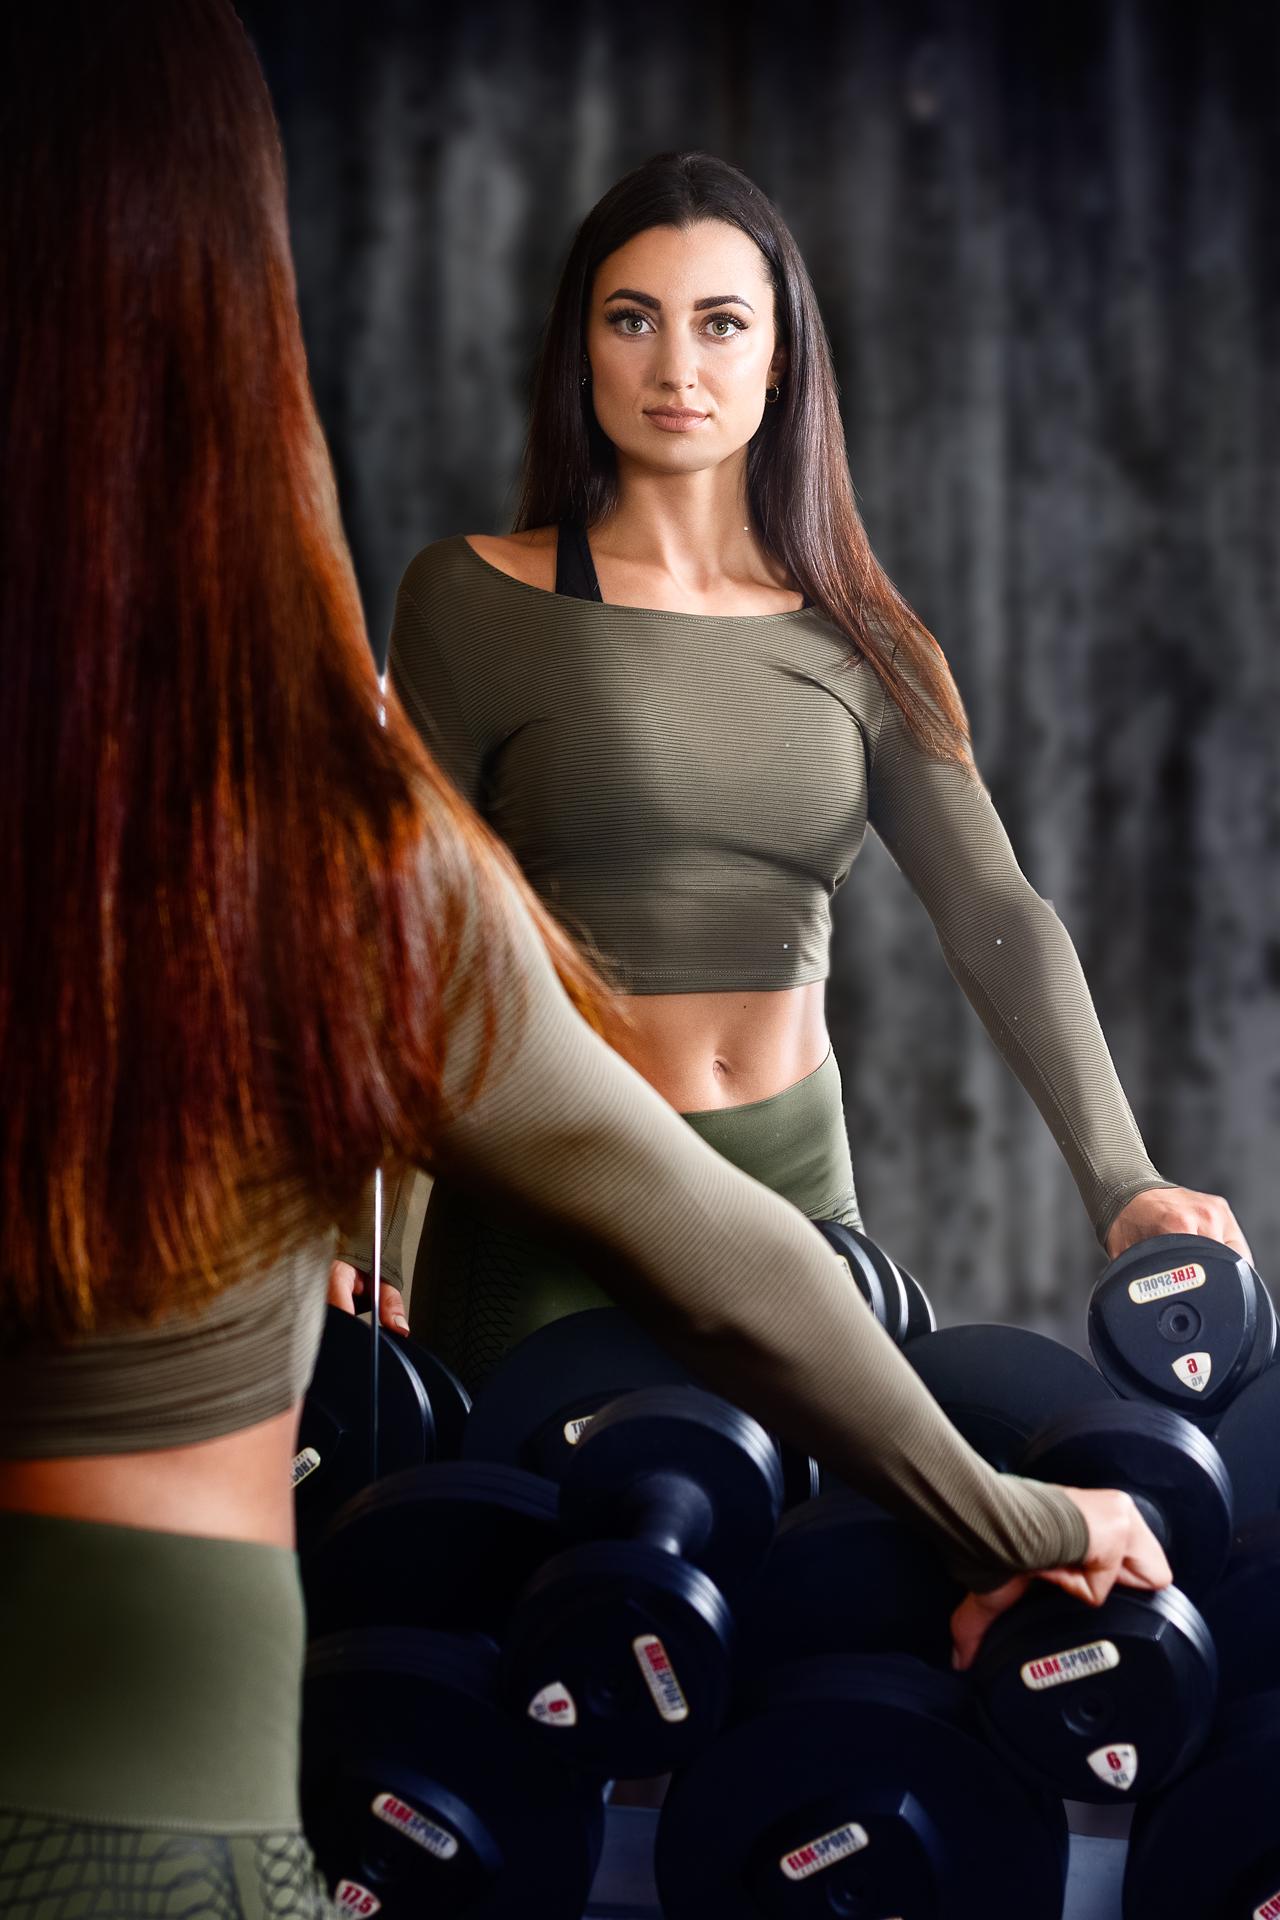 Portrait einer Athletin im Fitnessstudio